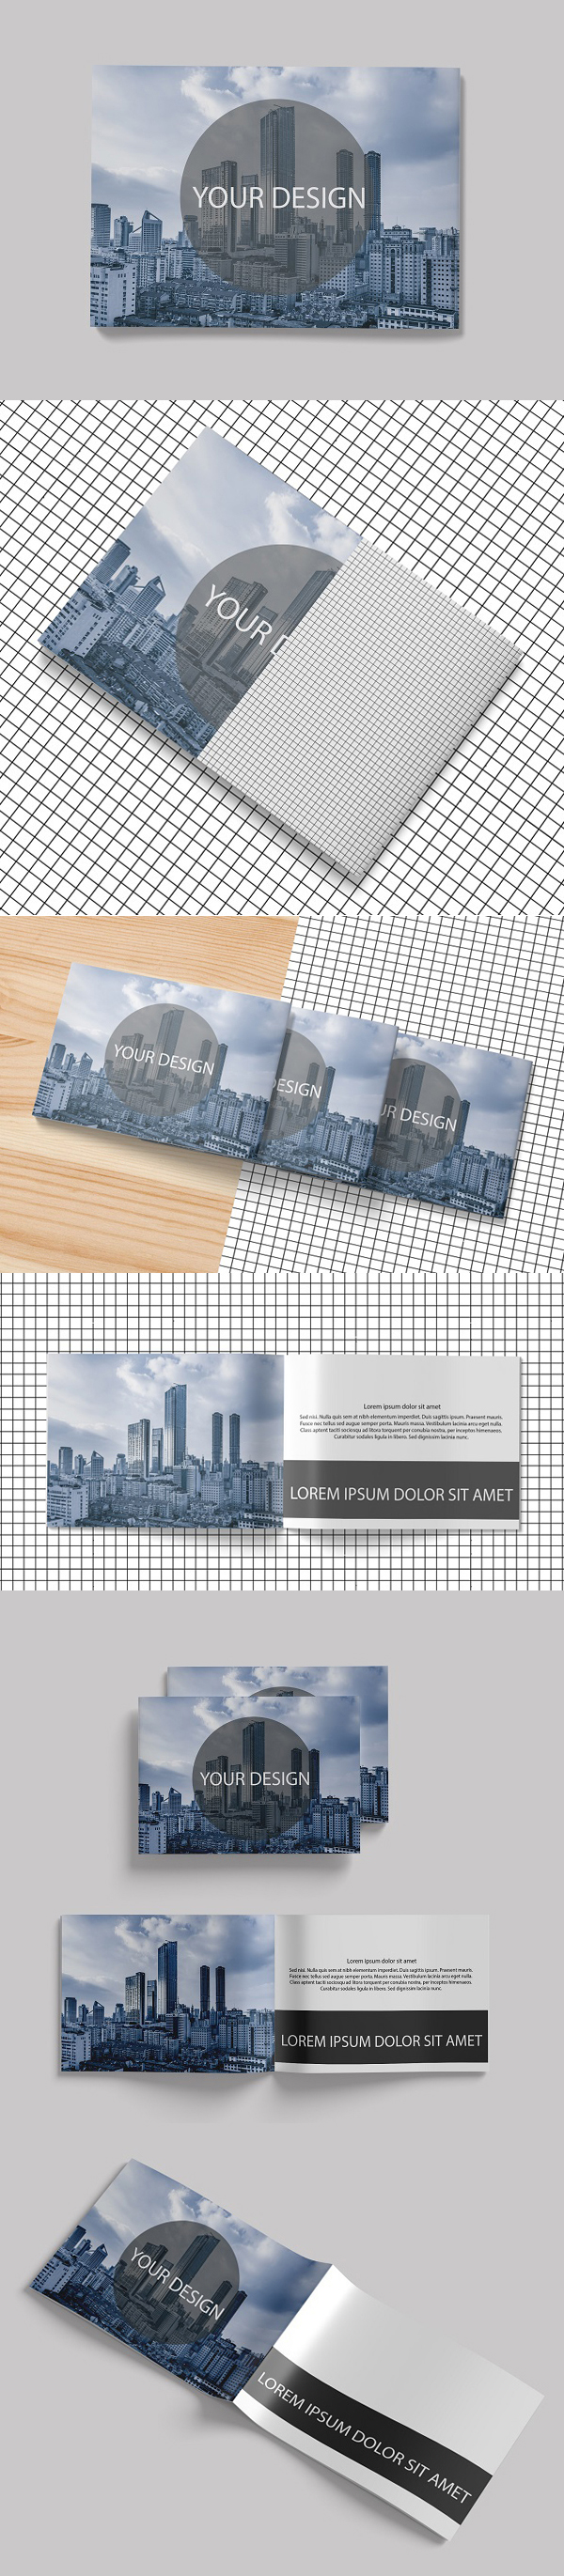 Free A4 Landscape Brochure Mock-Up